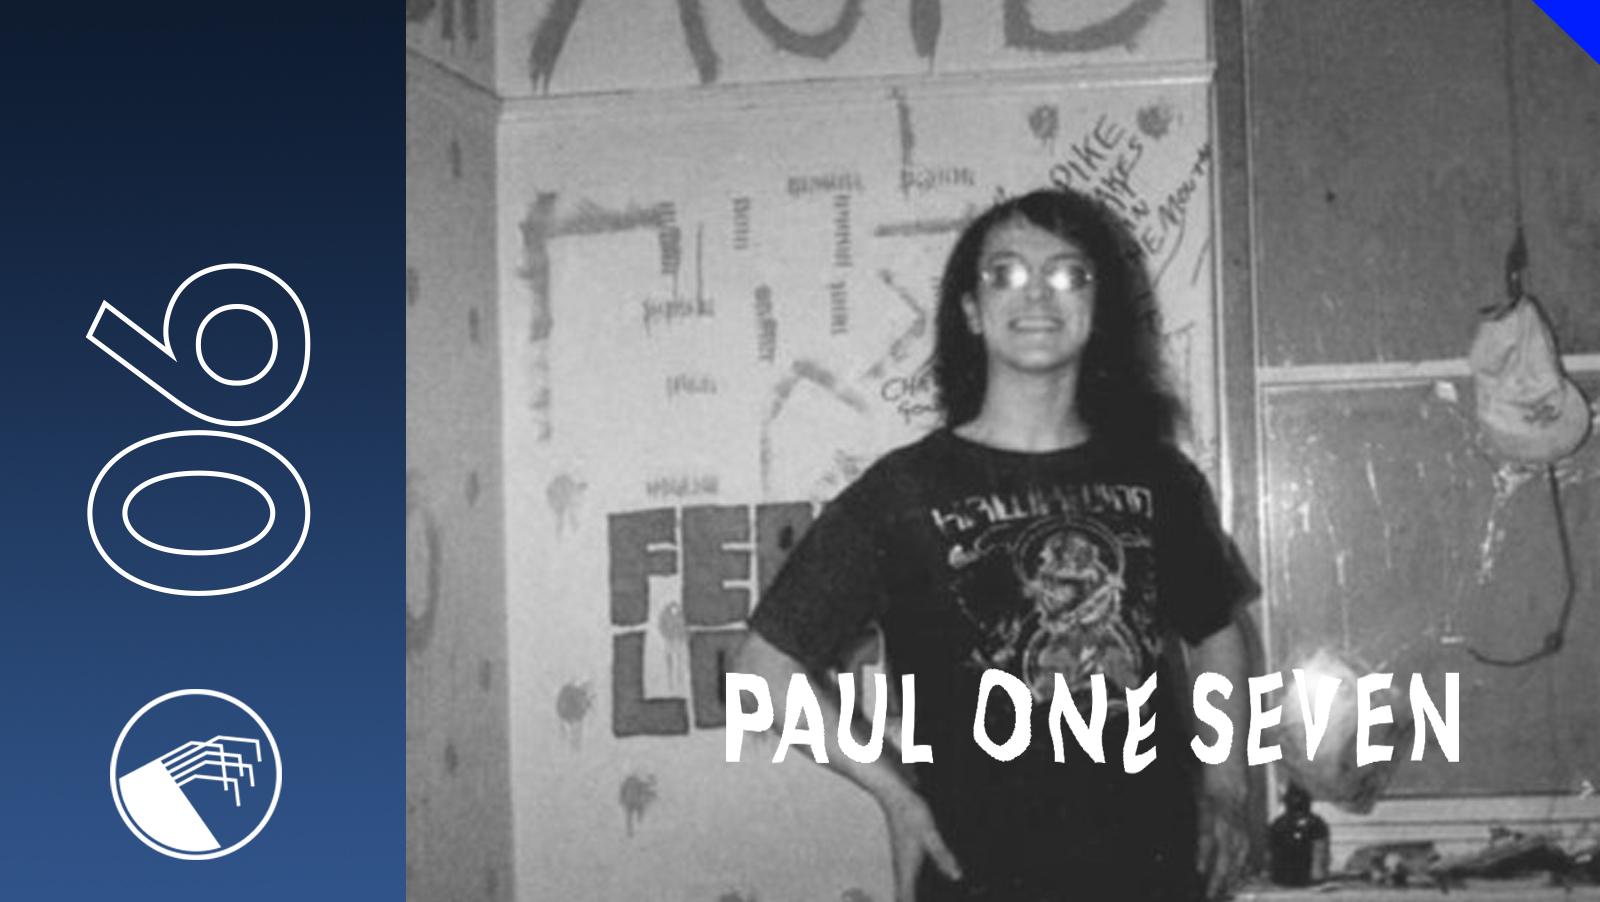 006 Paul Oneseven